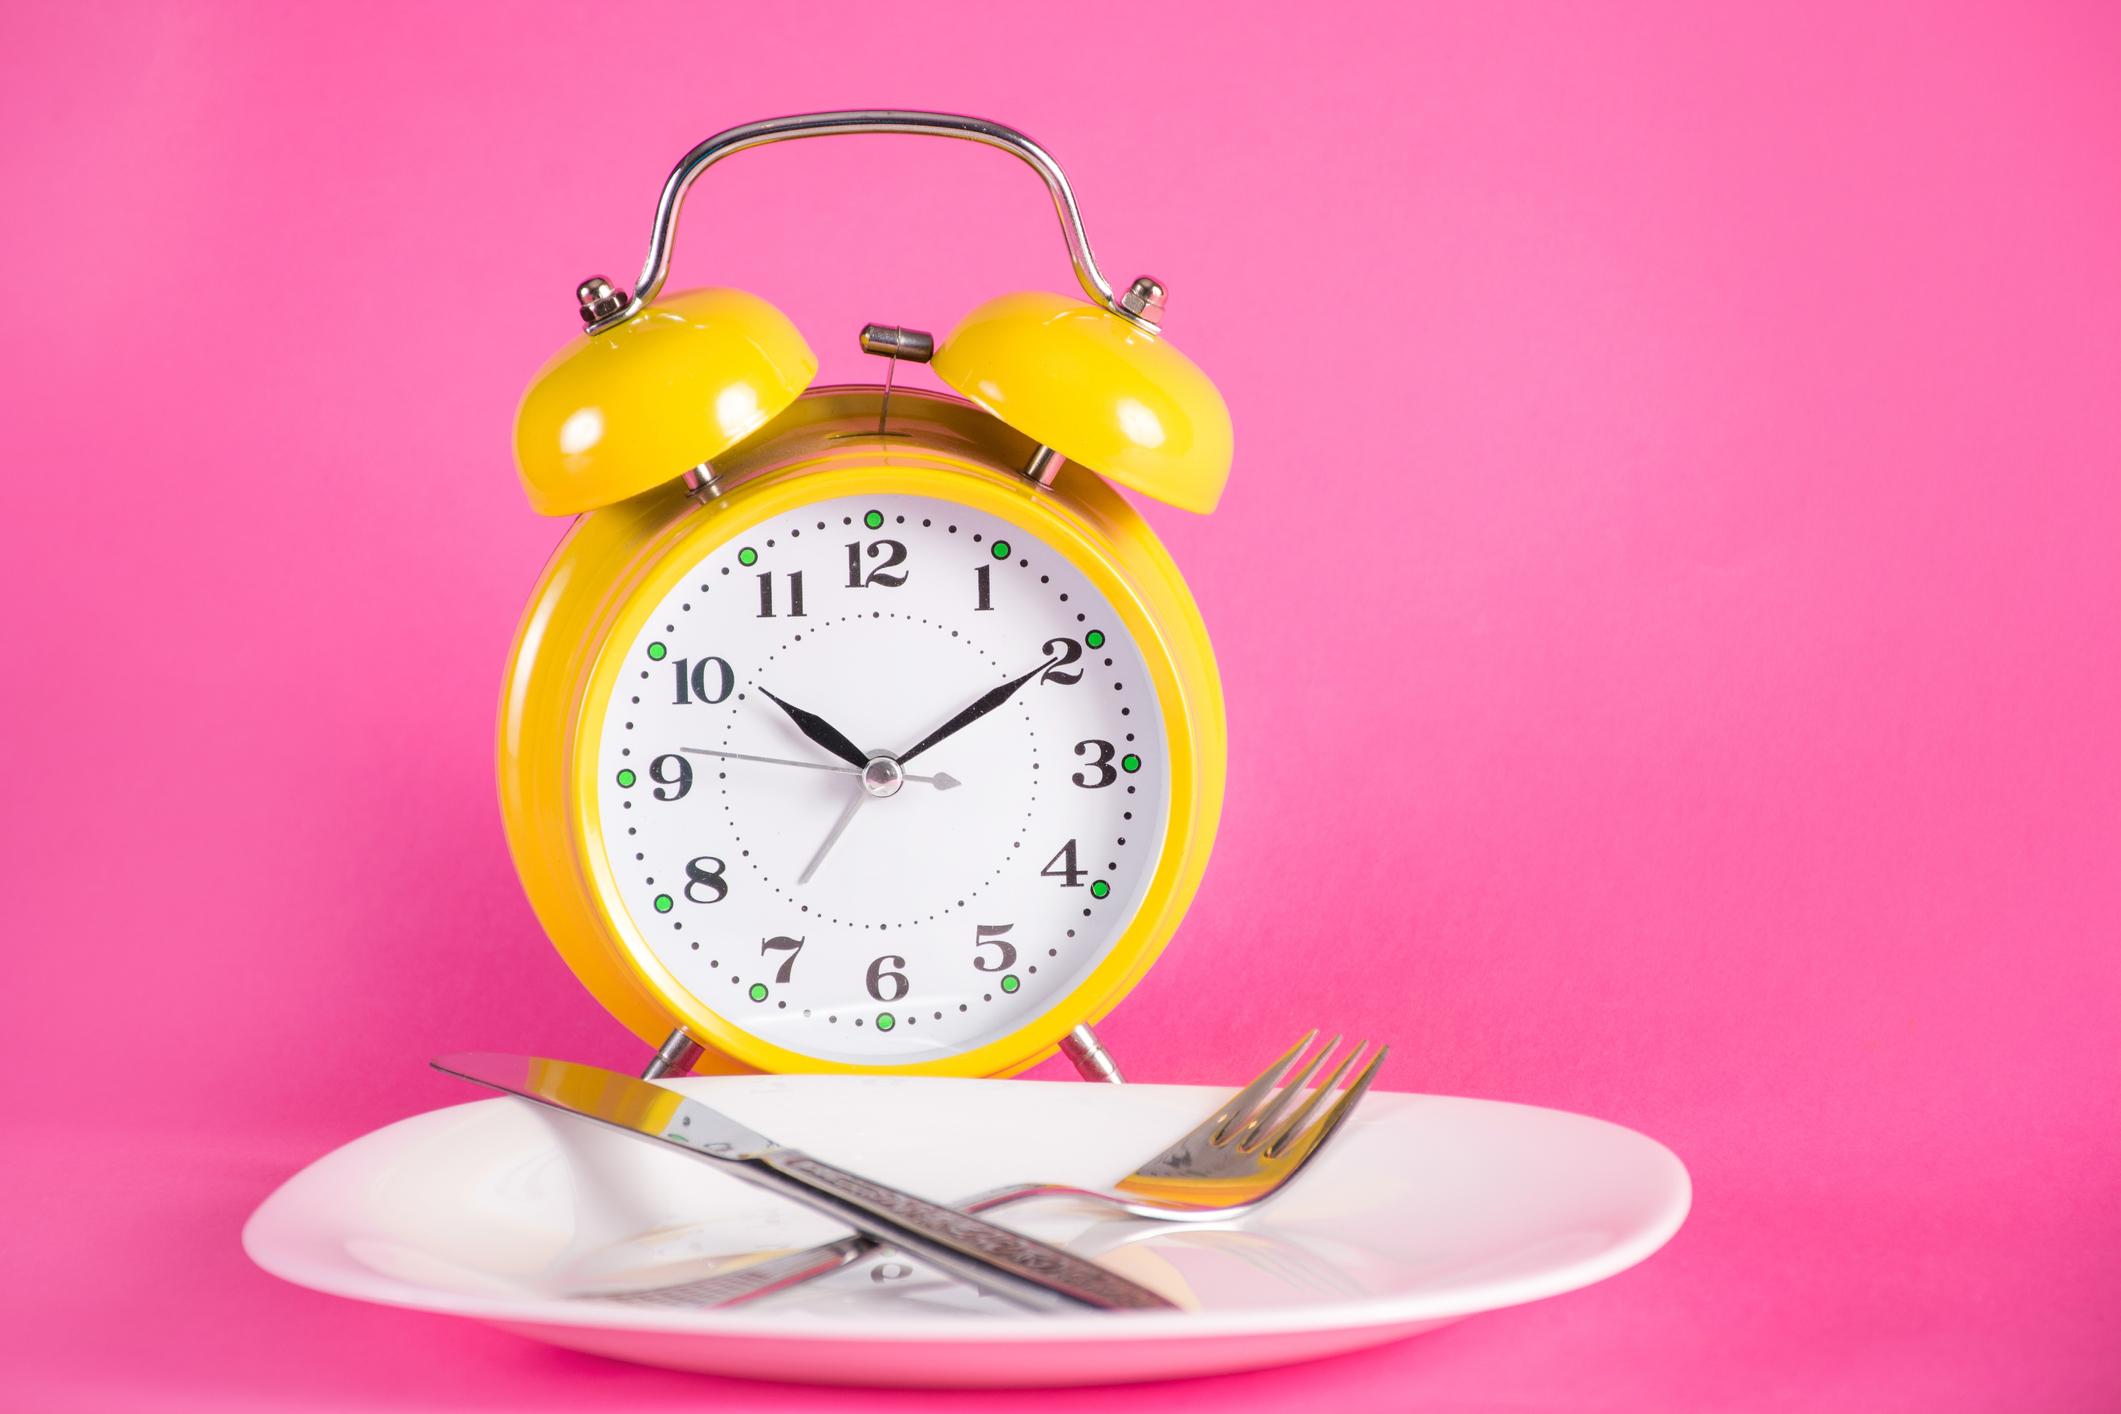 O jejum intermitente pode ser denominado como um padrão alimentar com períodos de jejum e alimentação, algo natural e saudável.